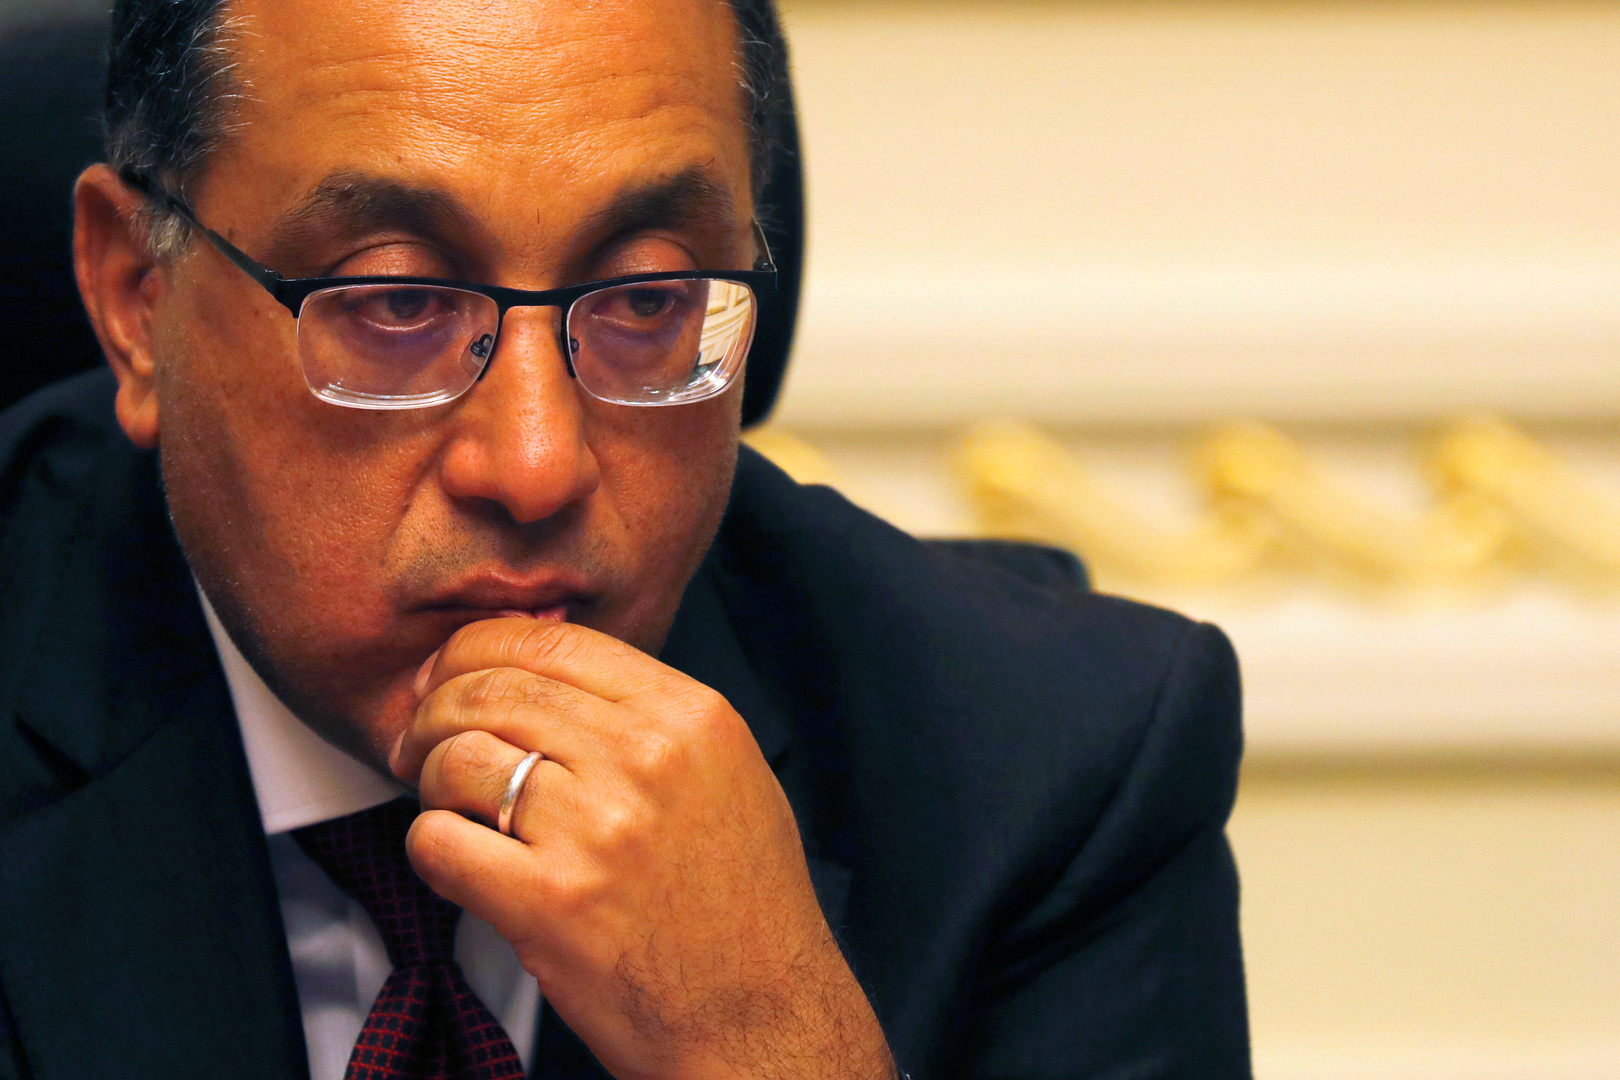 رئيس الوزراء المصري يتوجه إلى ليبيا على رأس وفد وزاري